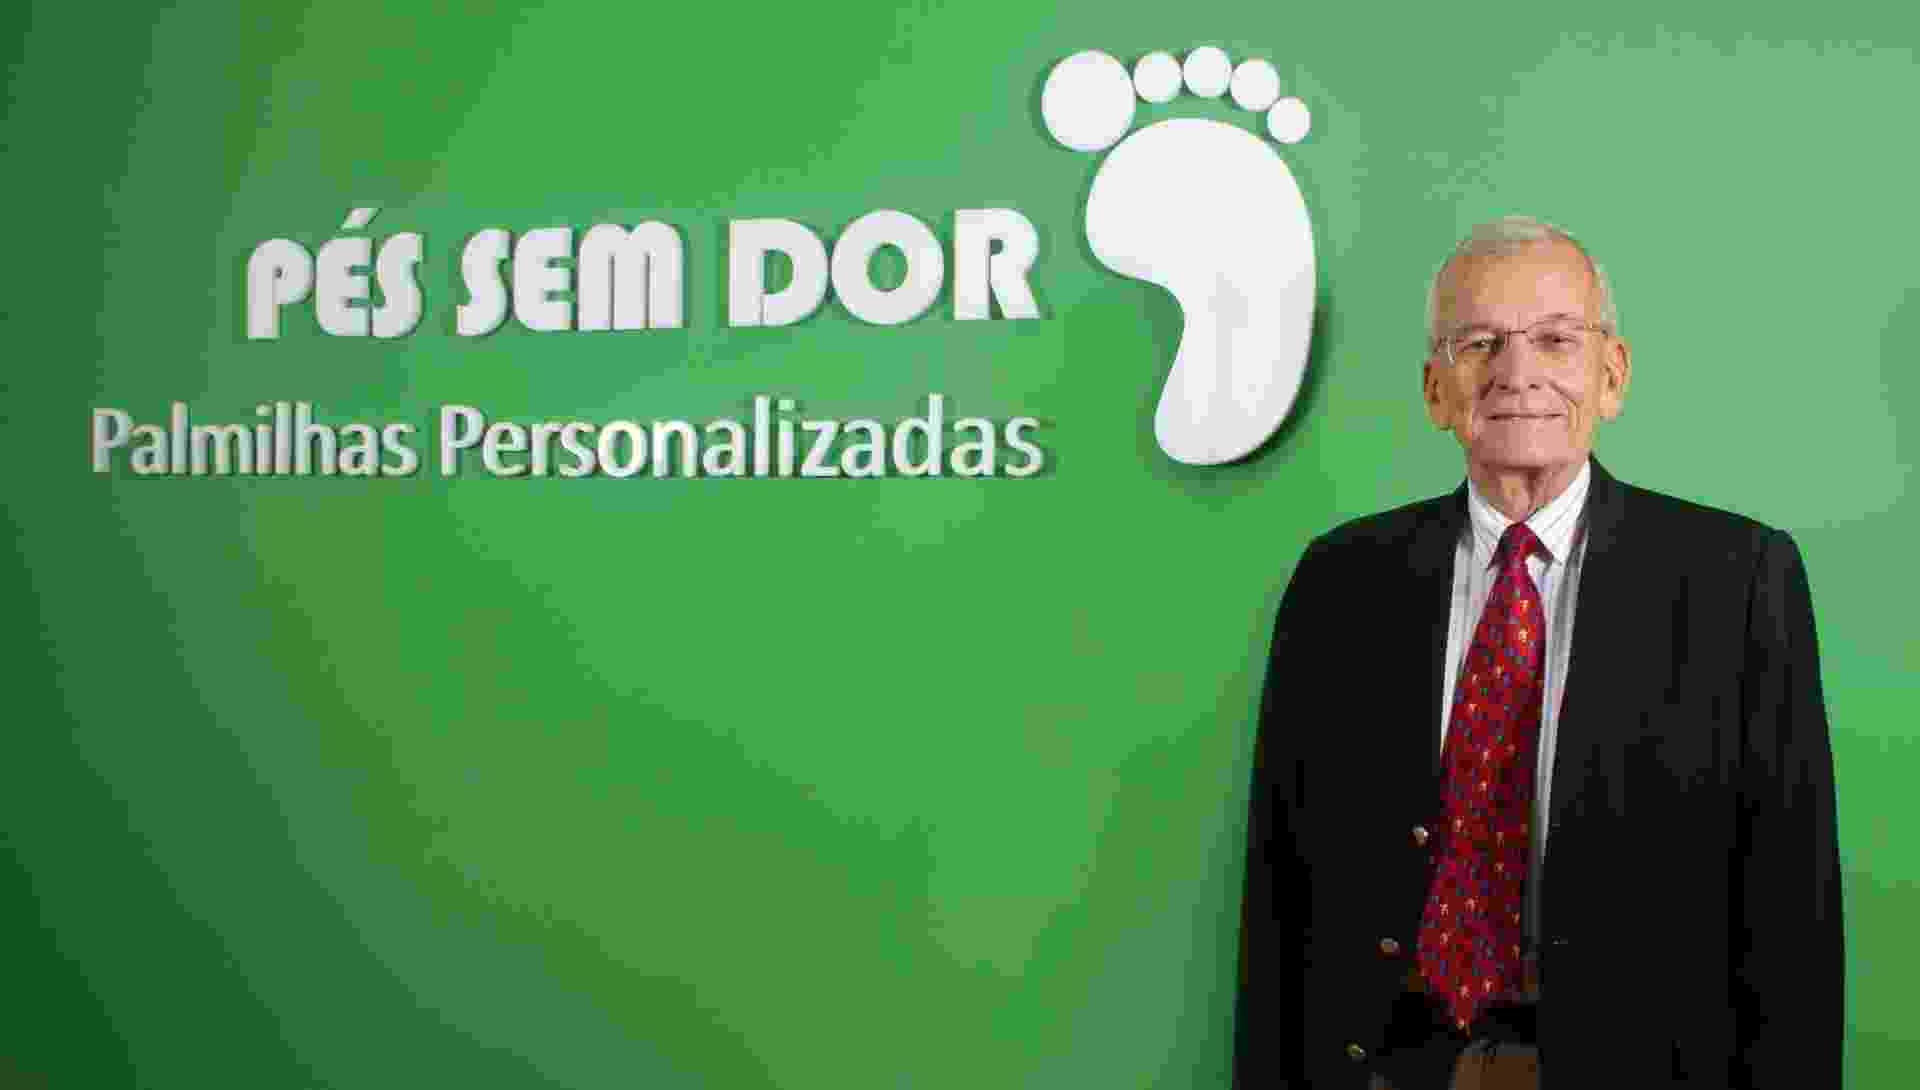 Thomas Case, fundador da Catho e da empresa Pés Sem Dor - Divulgação